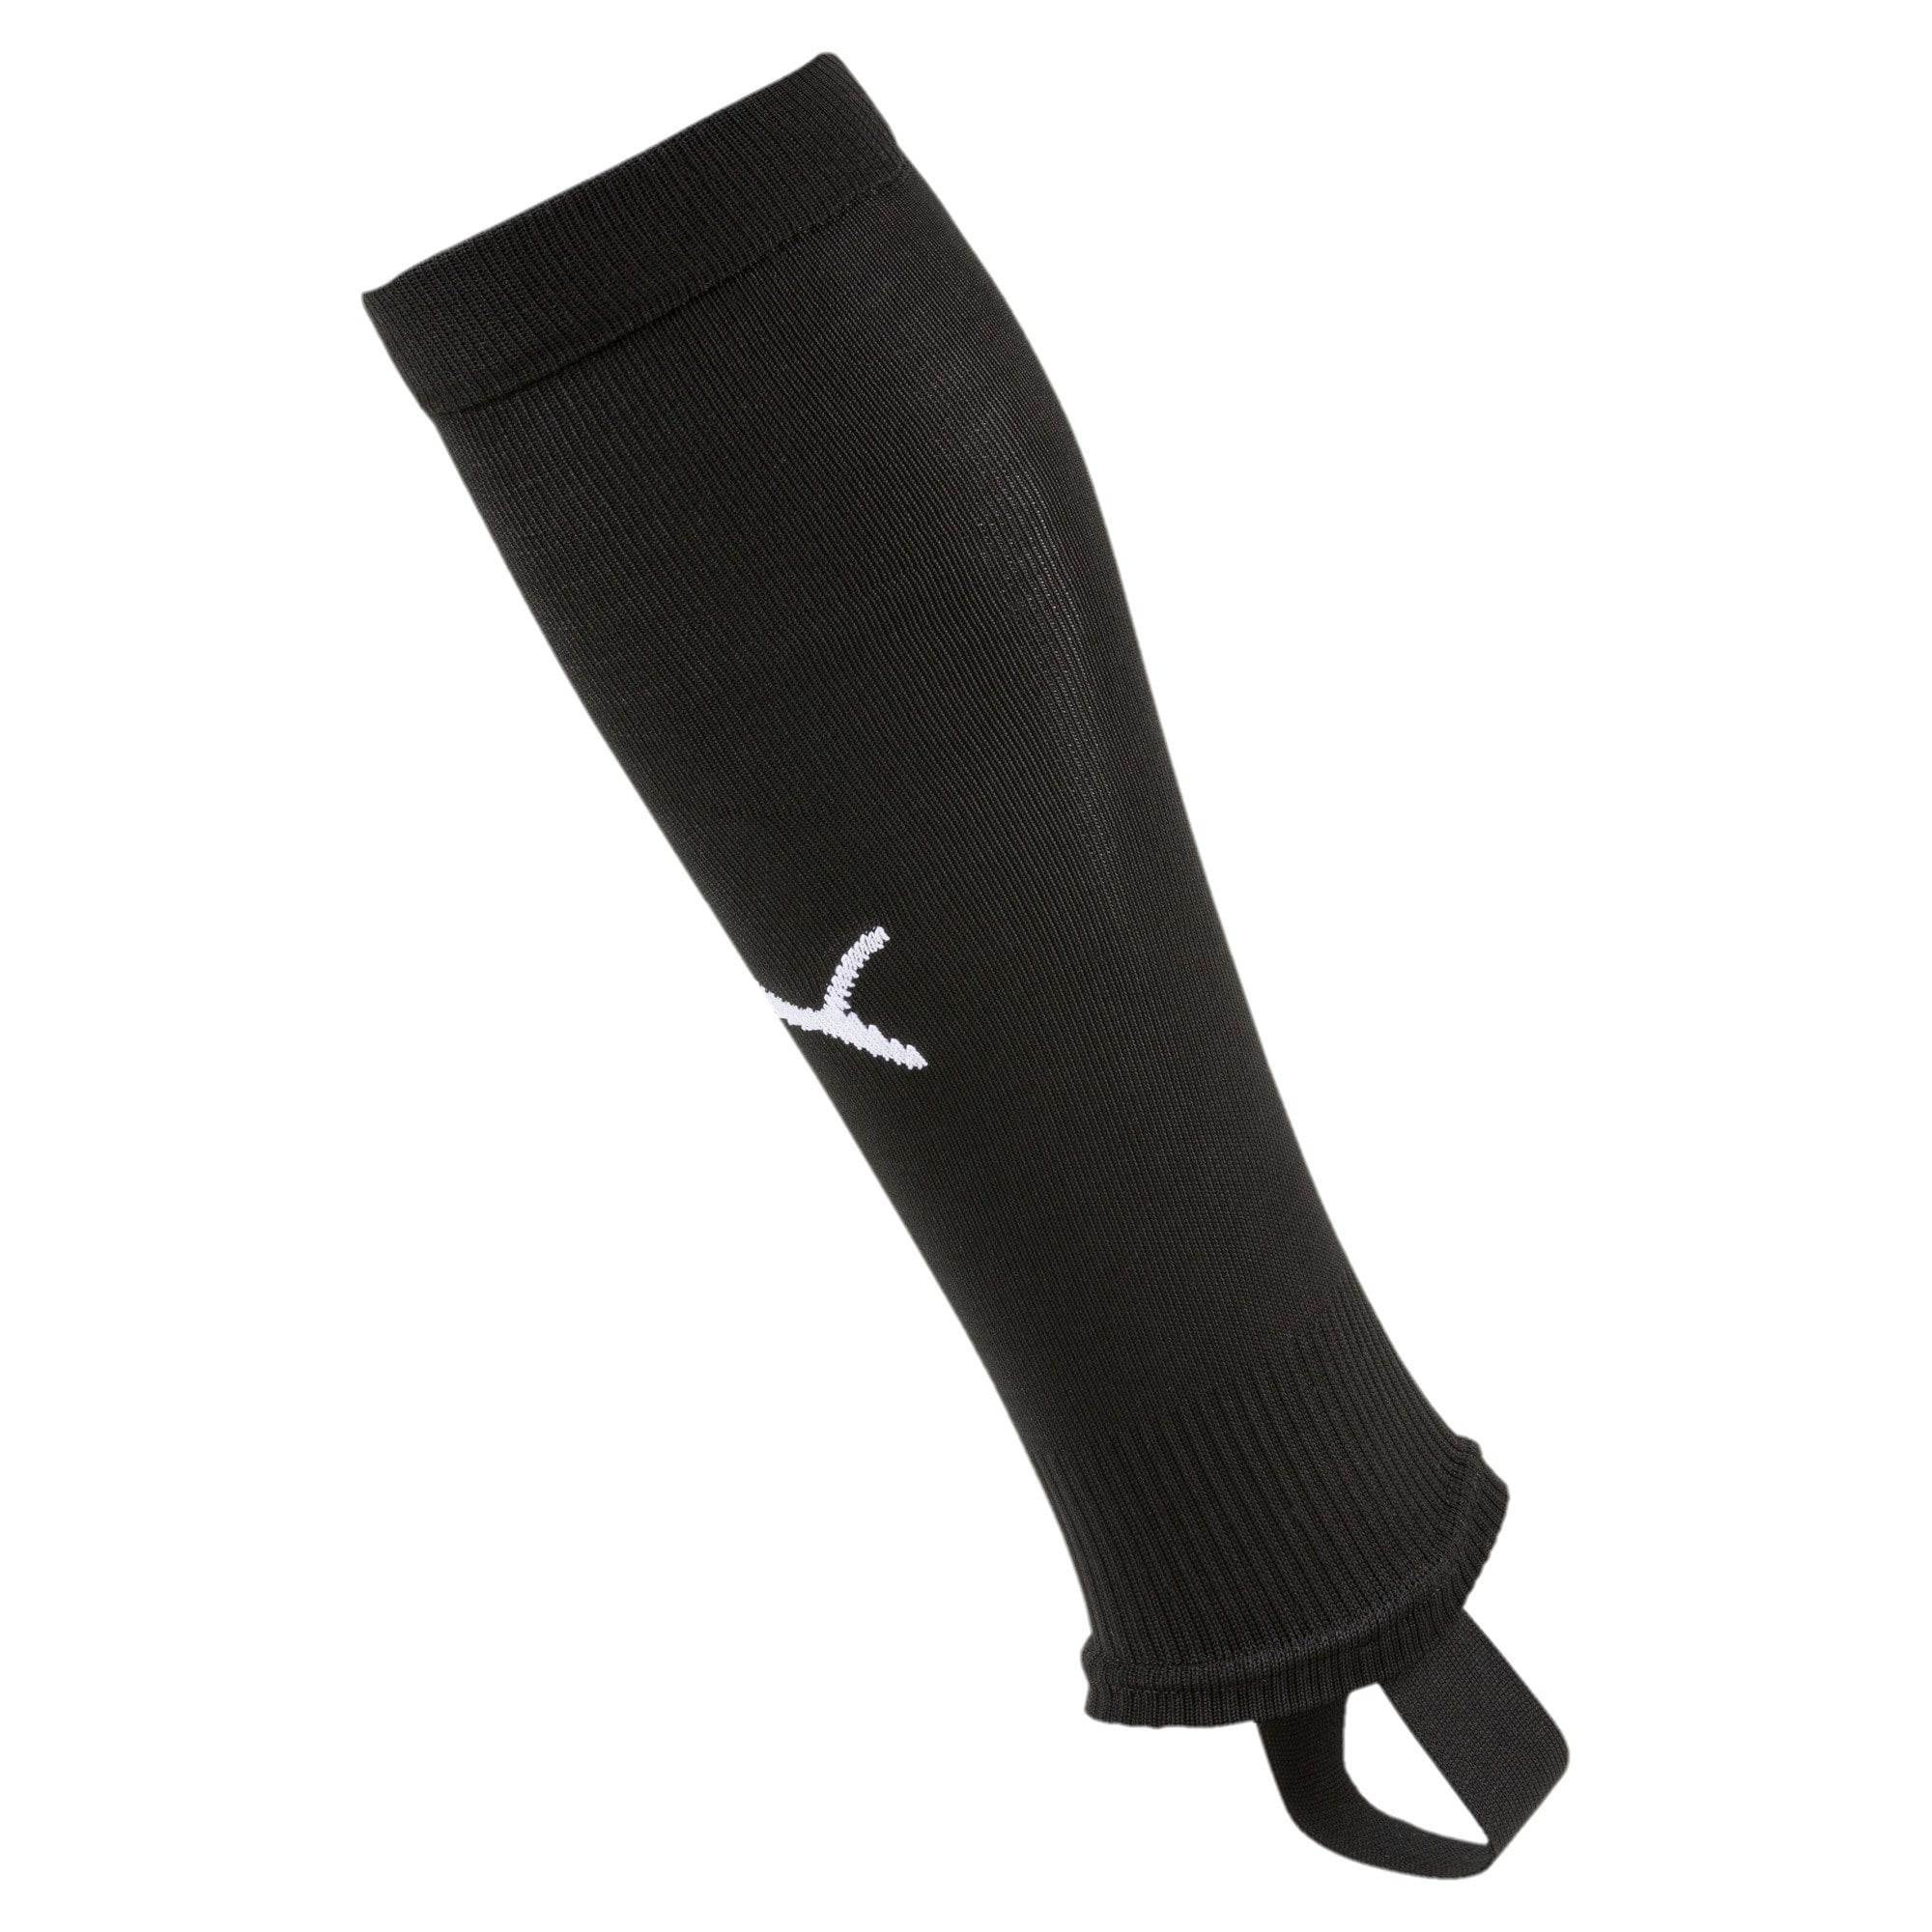 Fußball Socken mit Steg 'Liga'   Sportbekleidung > Funktionswäsche > Fußballsocken   Schwarz   Puma